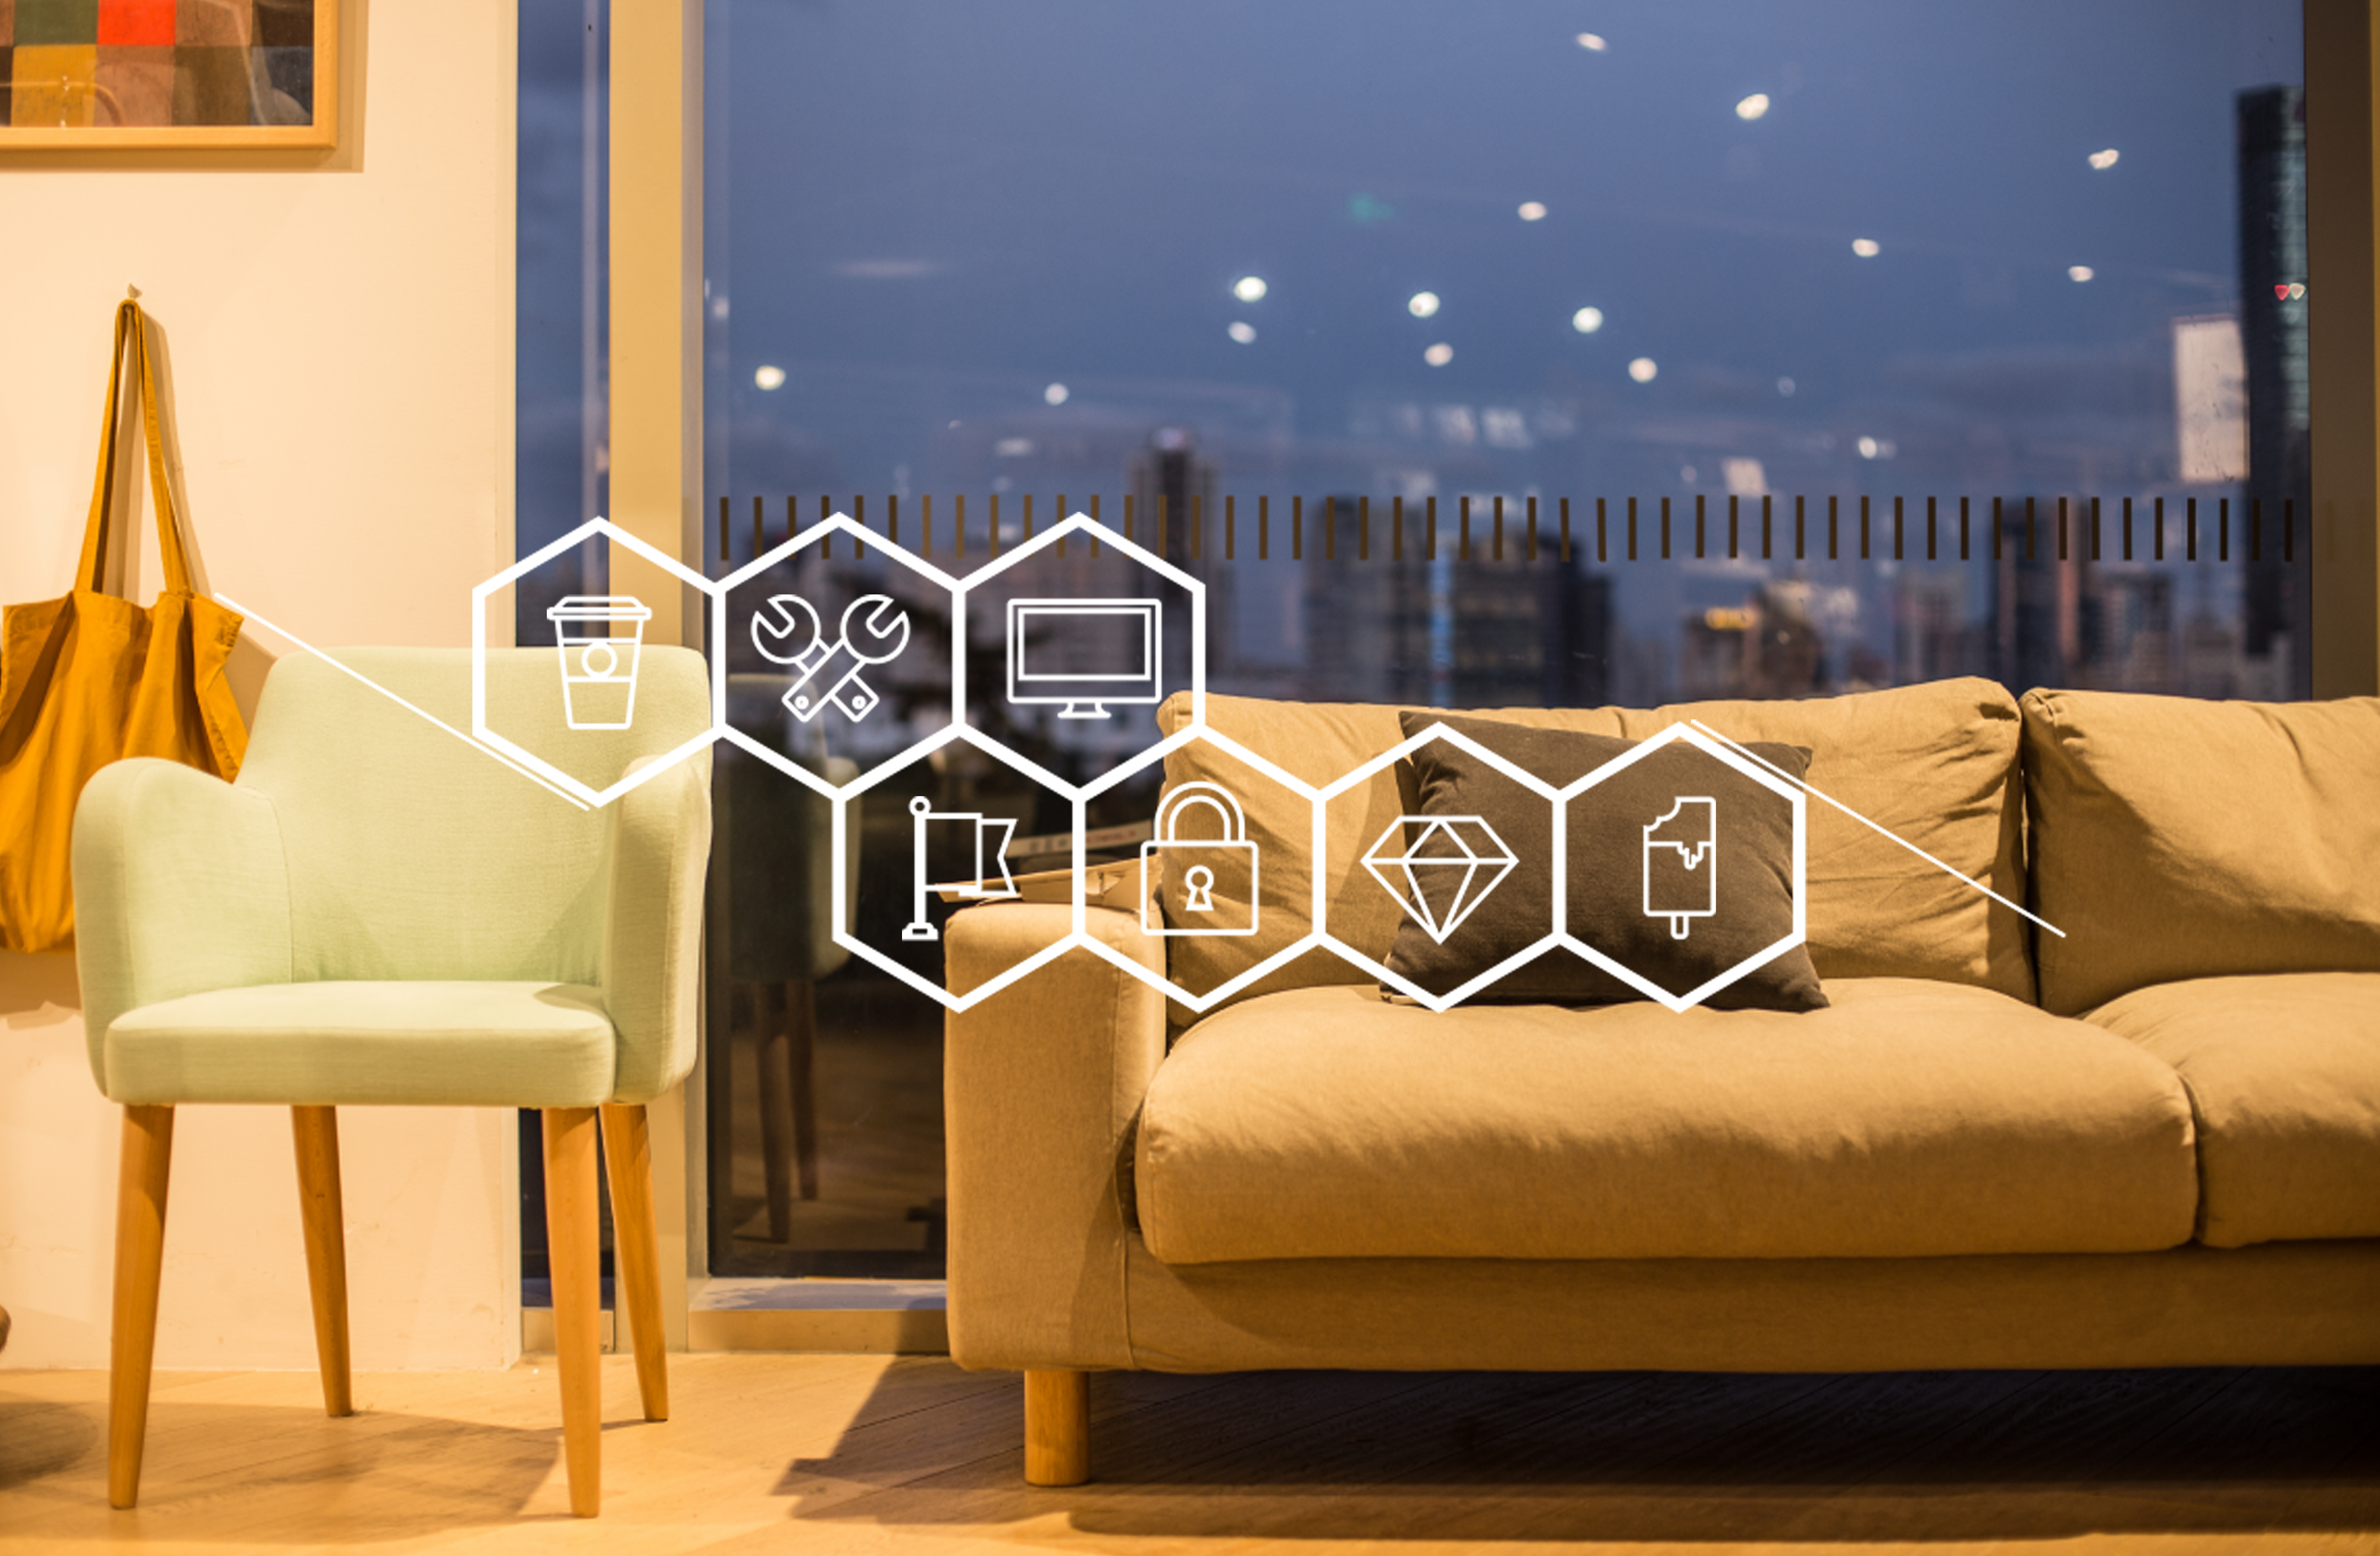 潮州智能家居产品全屋智能家居产品有什么功能?